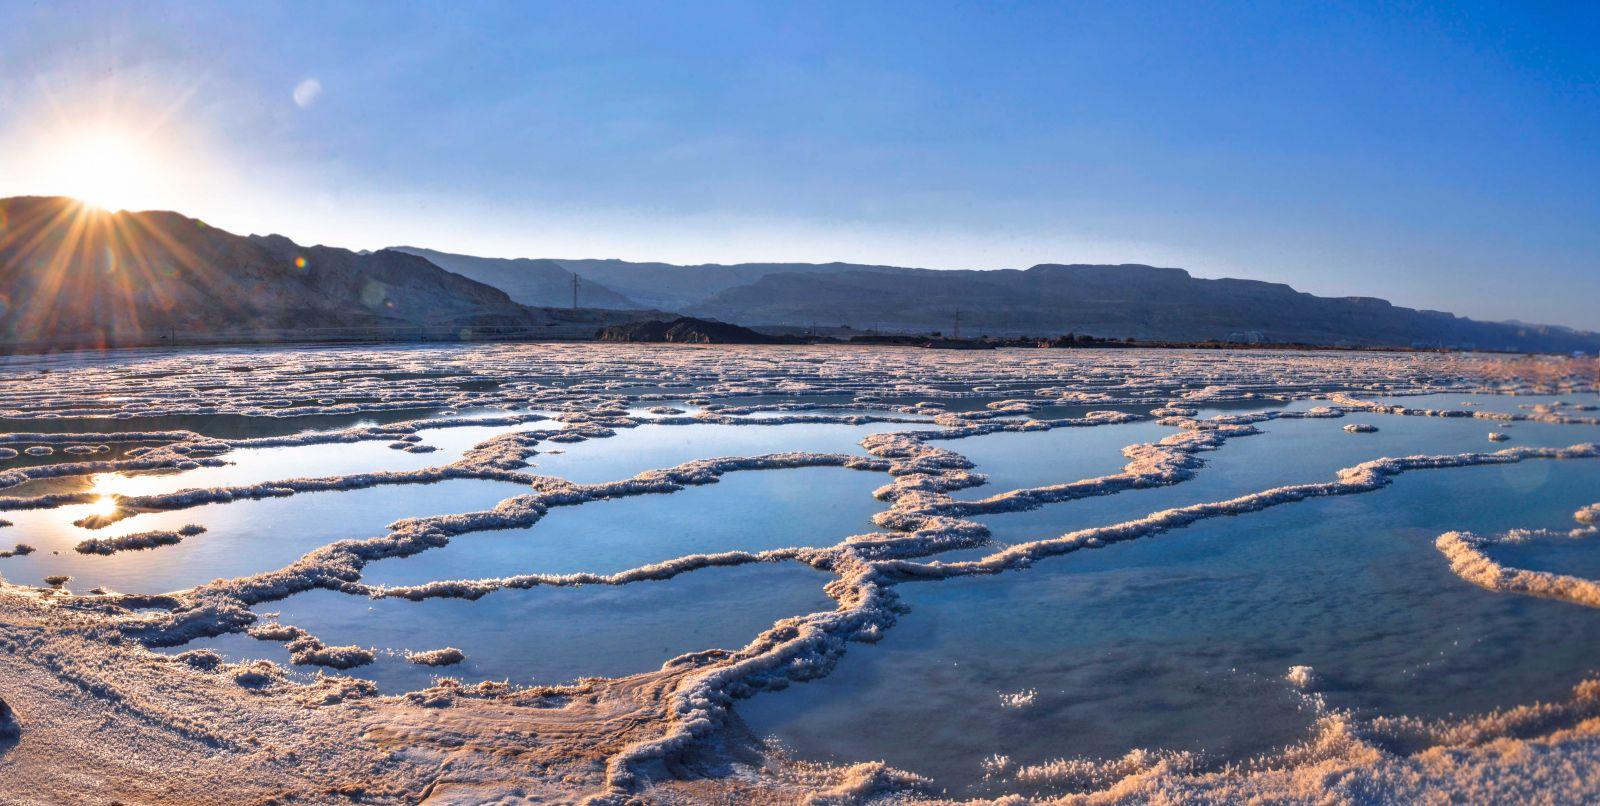 بالصور صور البحر الميت , احلى صور للبحر الميت 1796 4